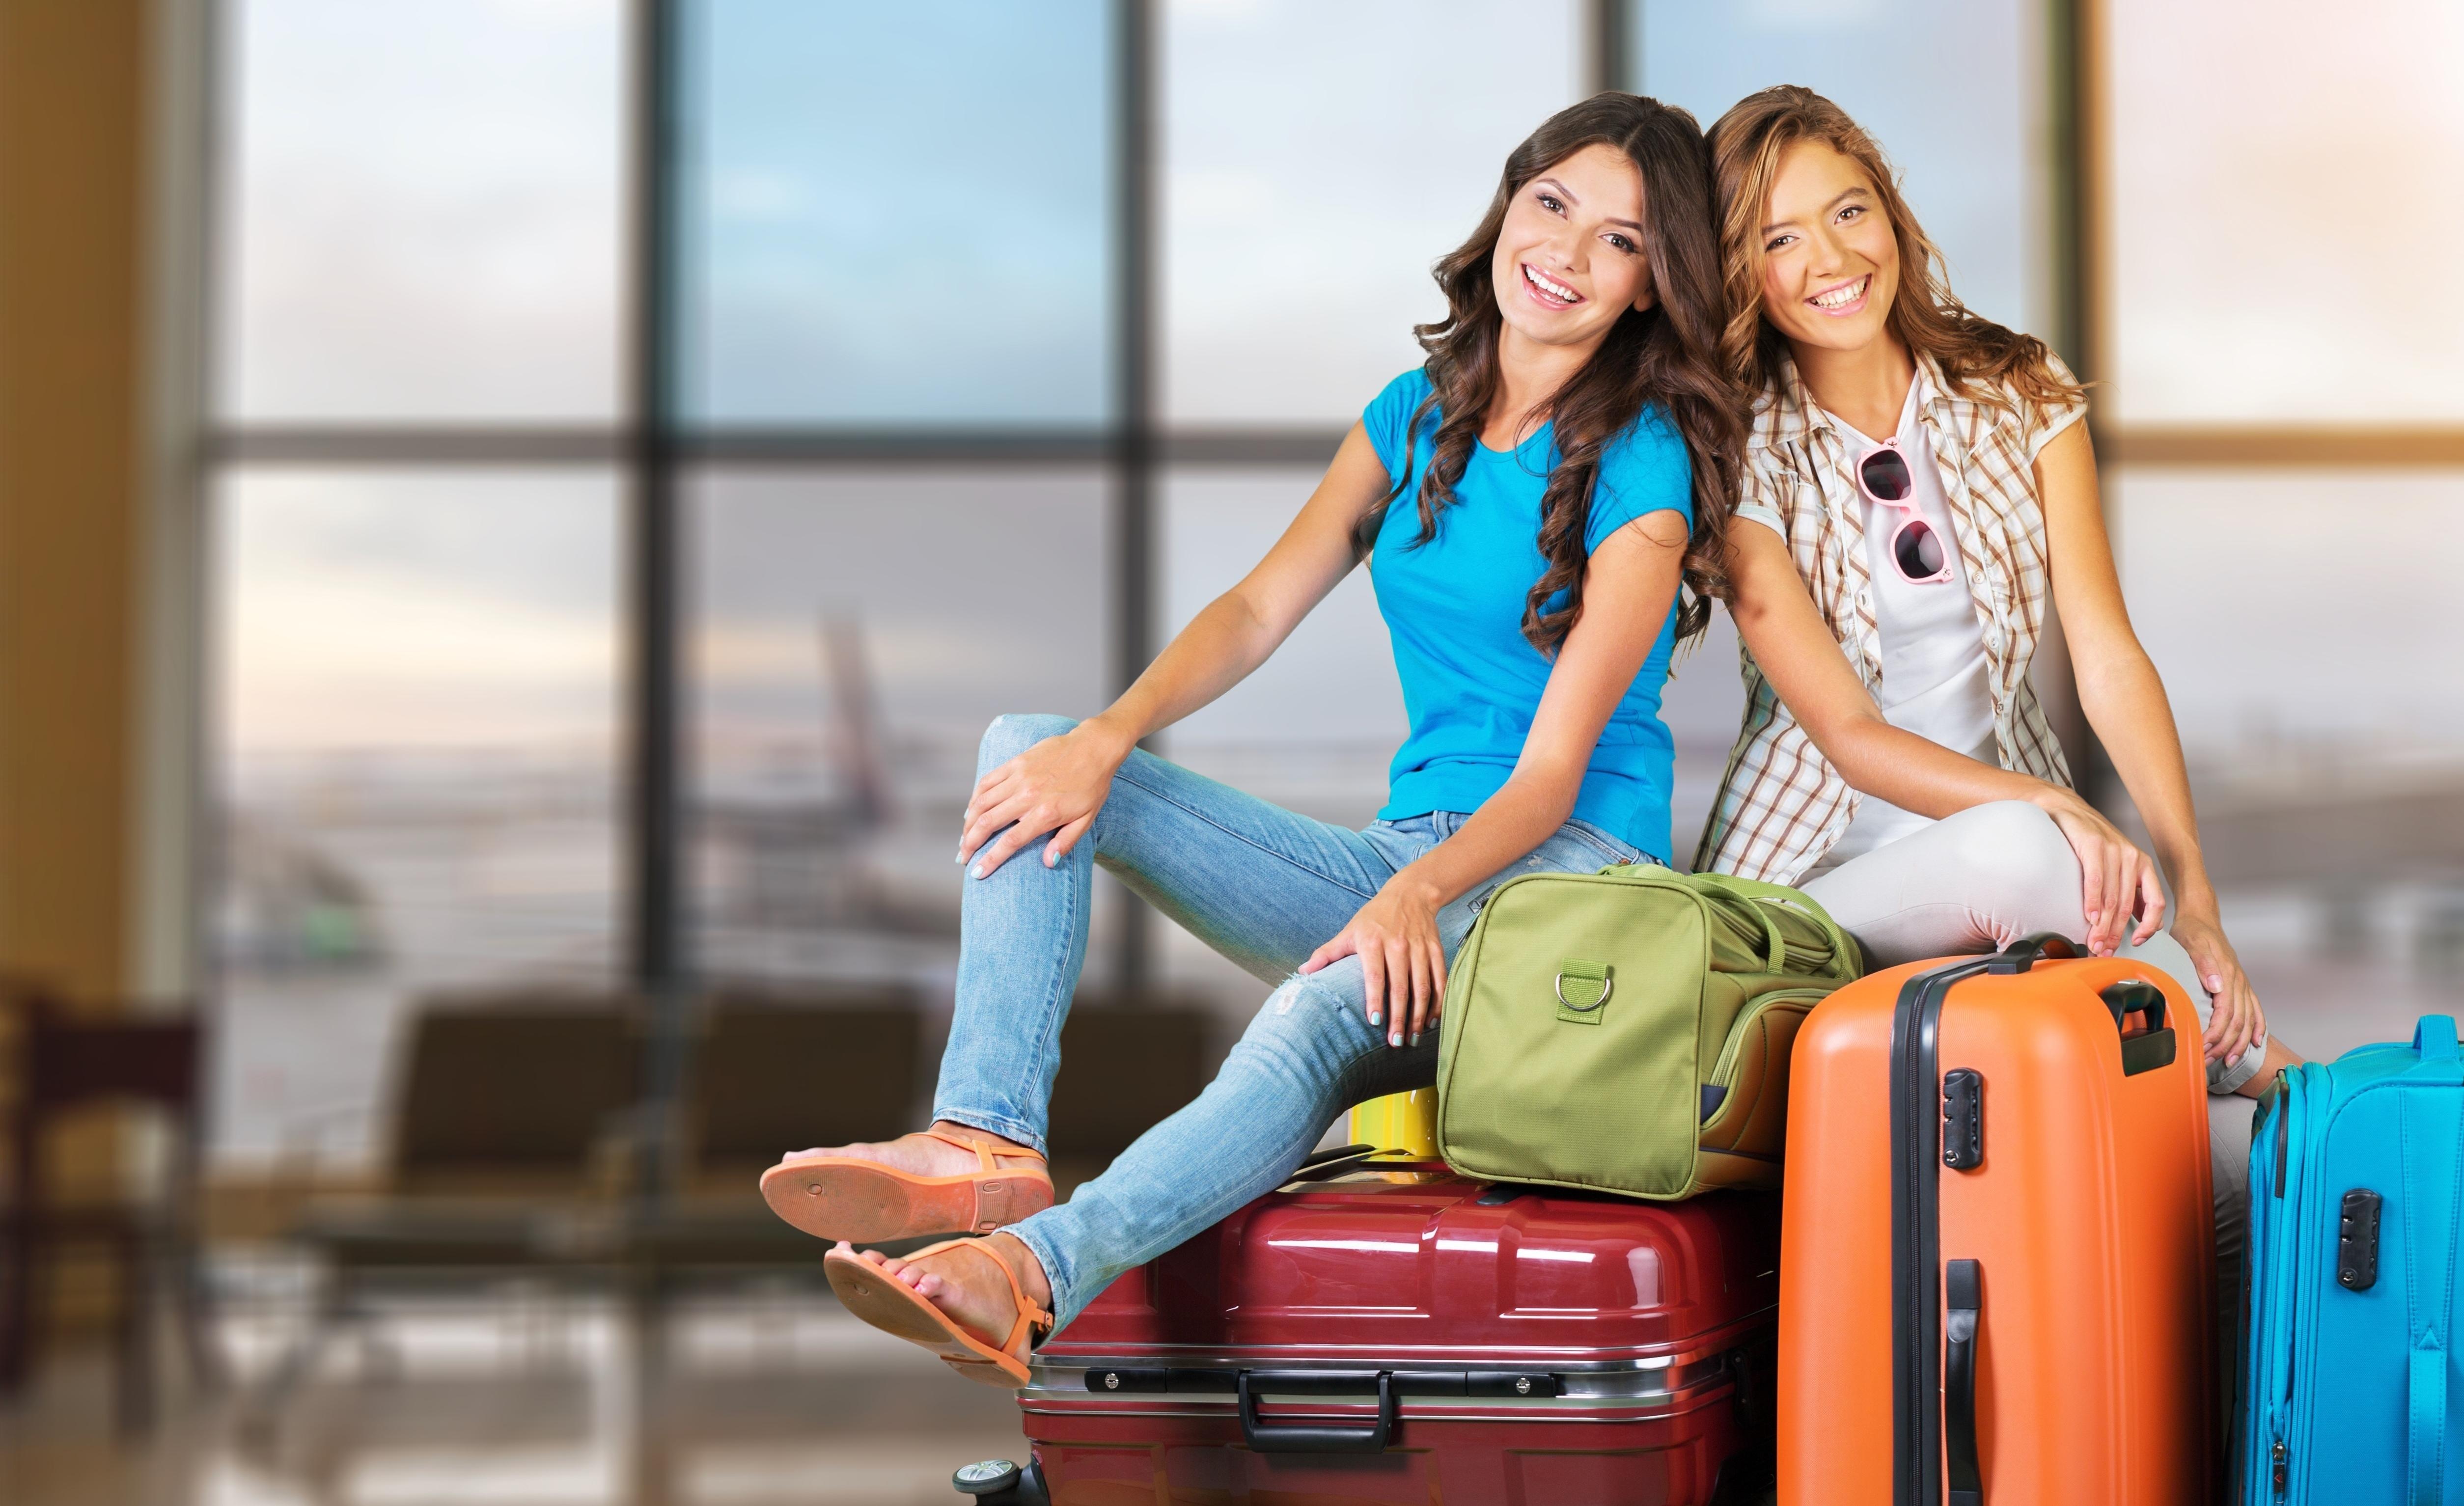 友達と卒業旅行